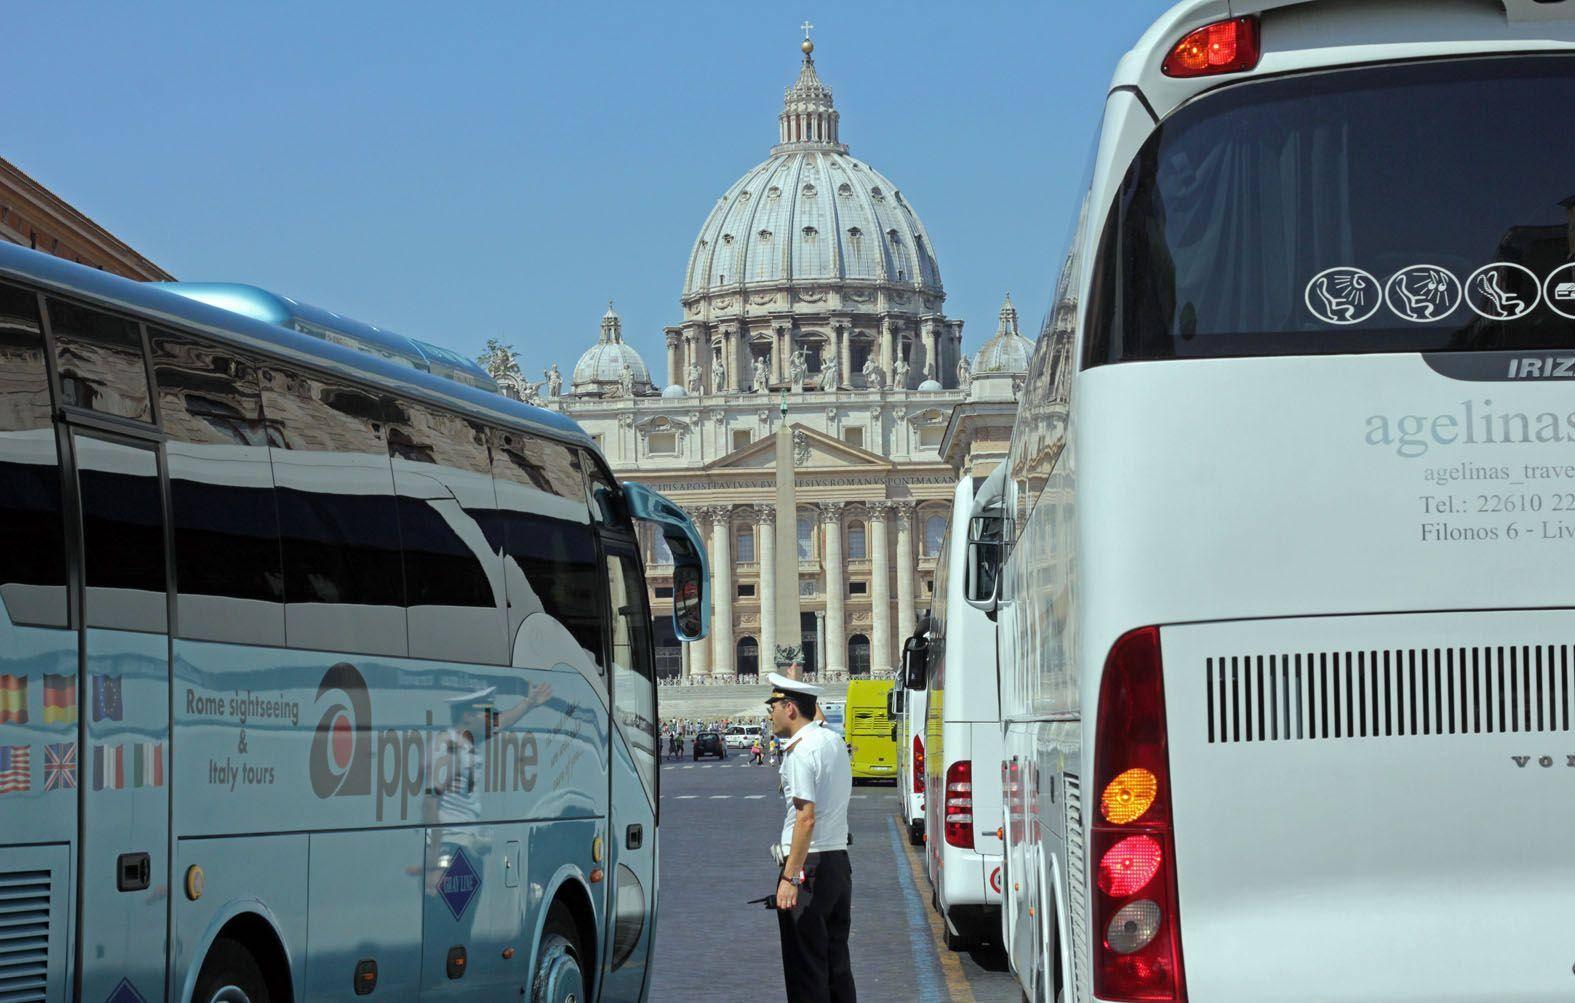 """Municipio I, """"Fuori i bus turistici dal centro"""